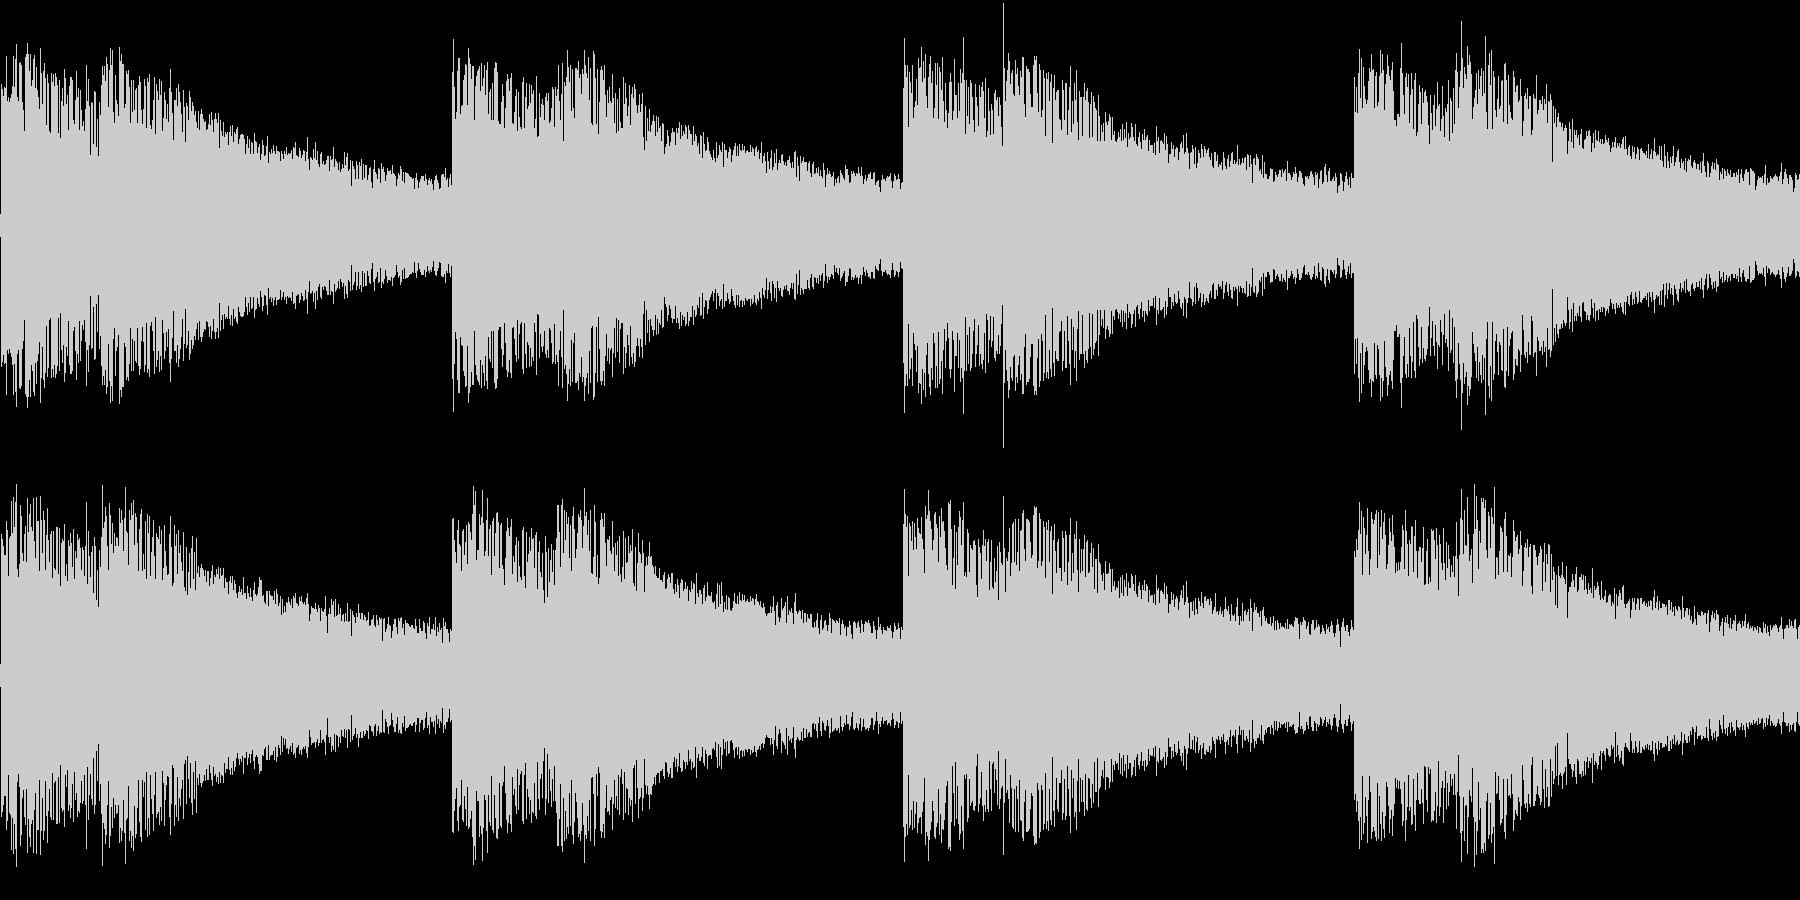 シンセ サイレン アナログ ピコピコ01の未再生の波形